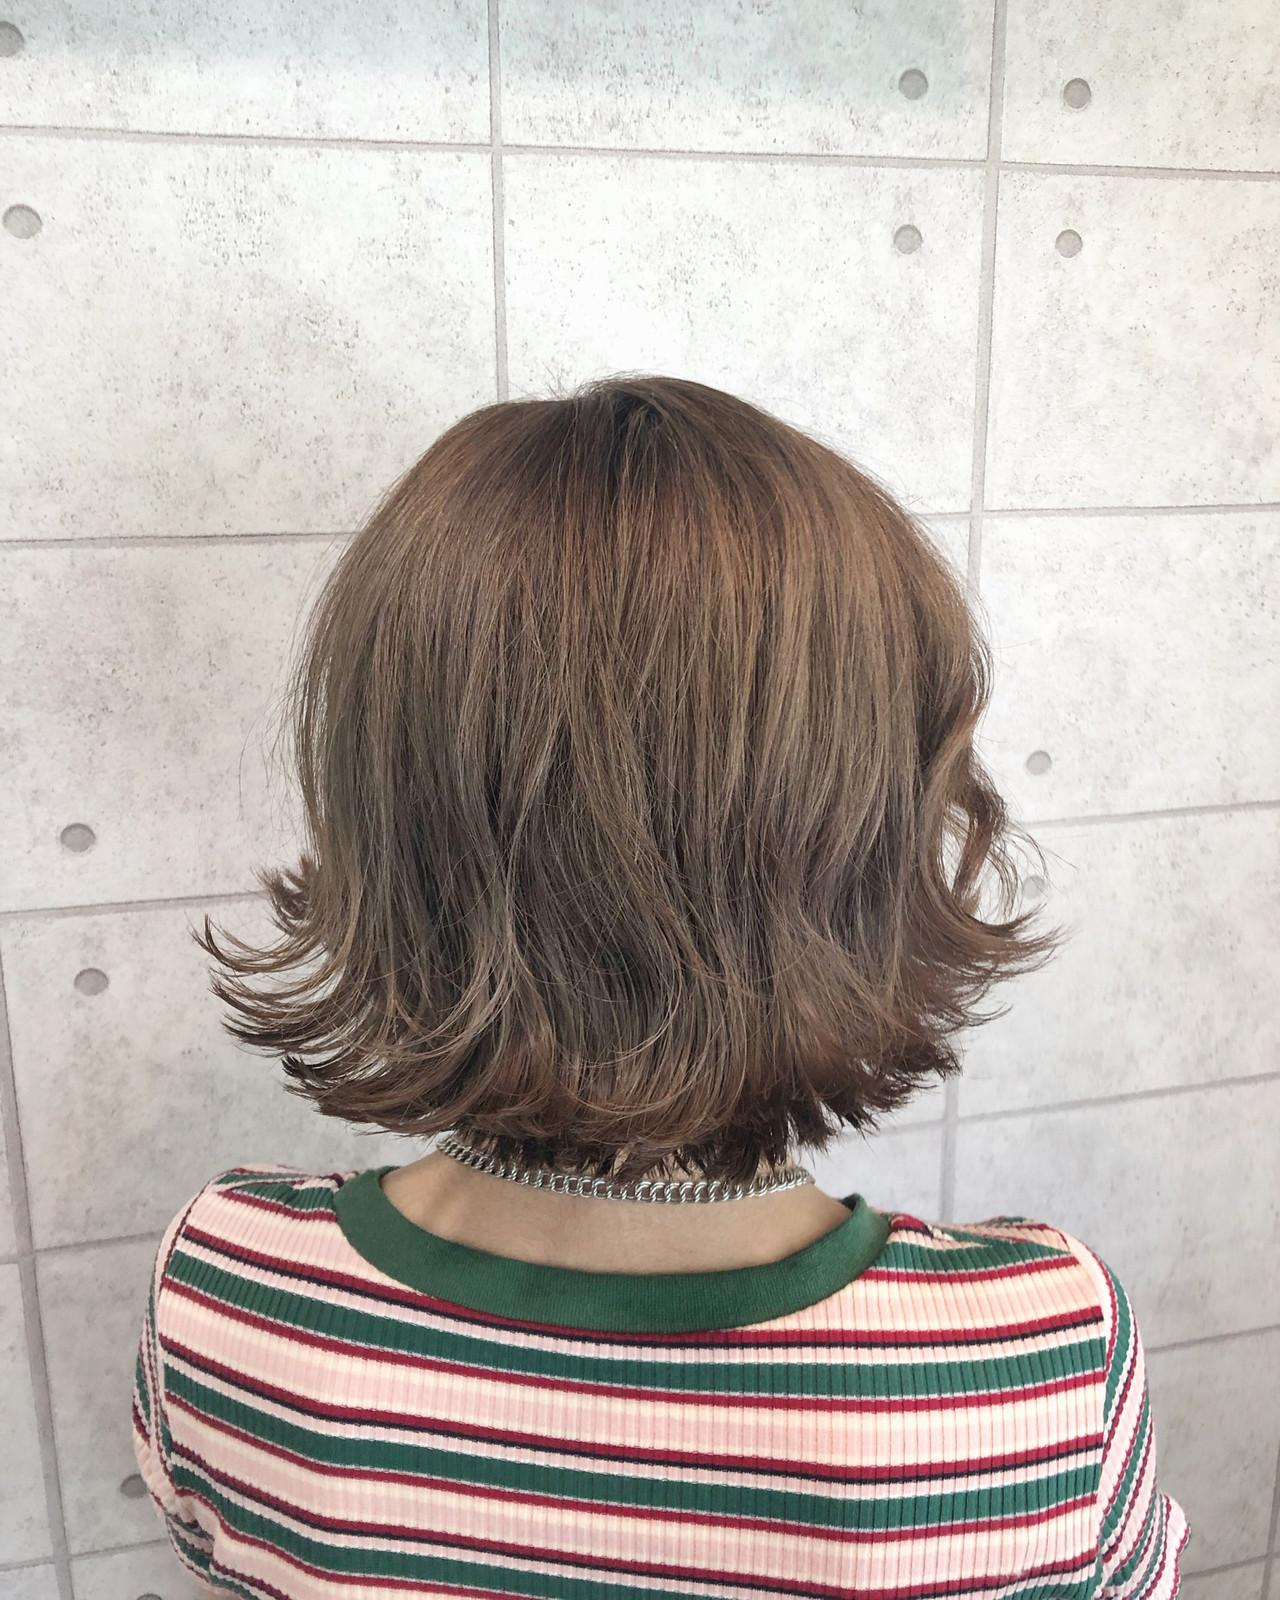 ボブ ココアブラウン ガーリー クリーミーカラー ヘアスタイルや髪型の写真・画像